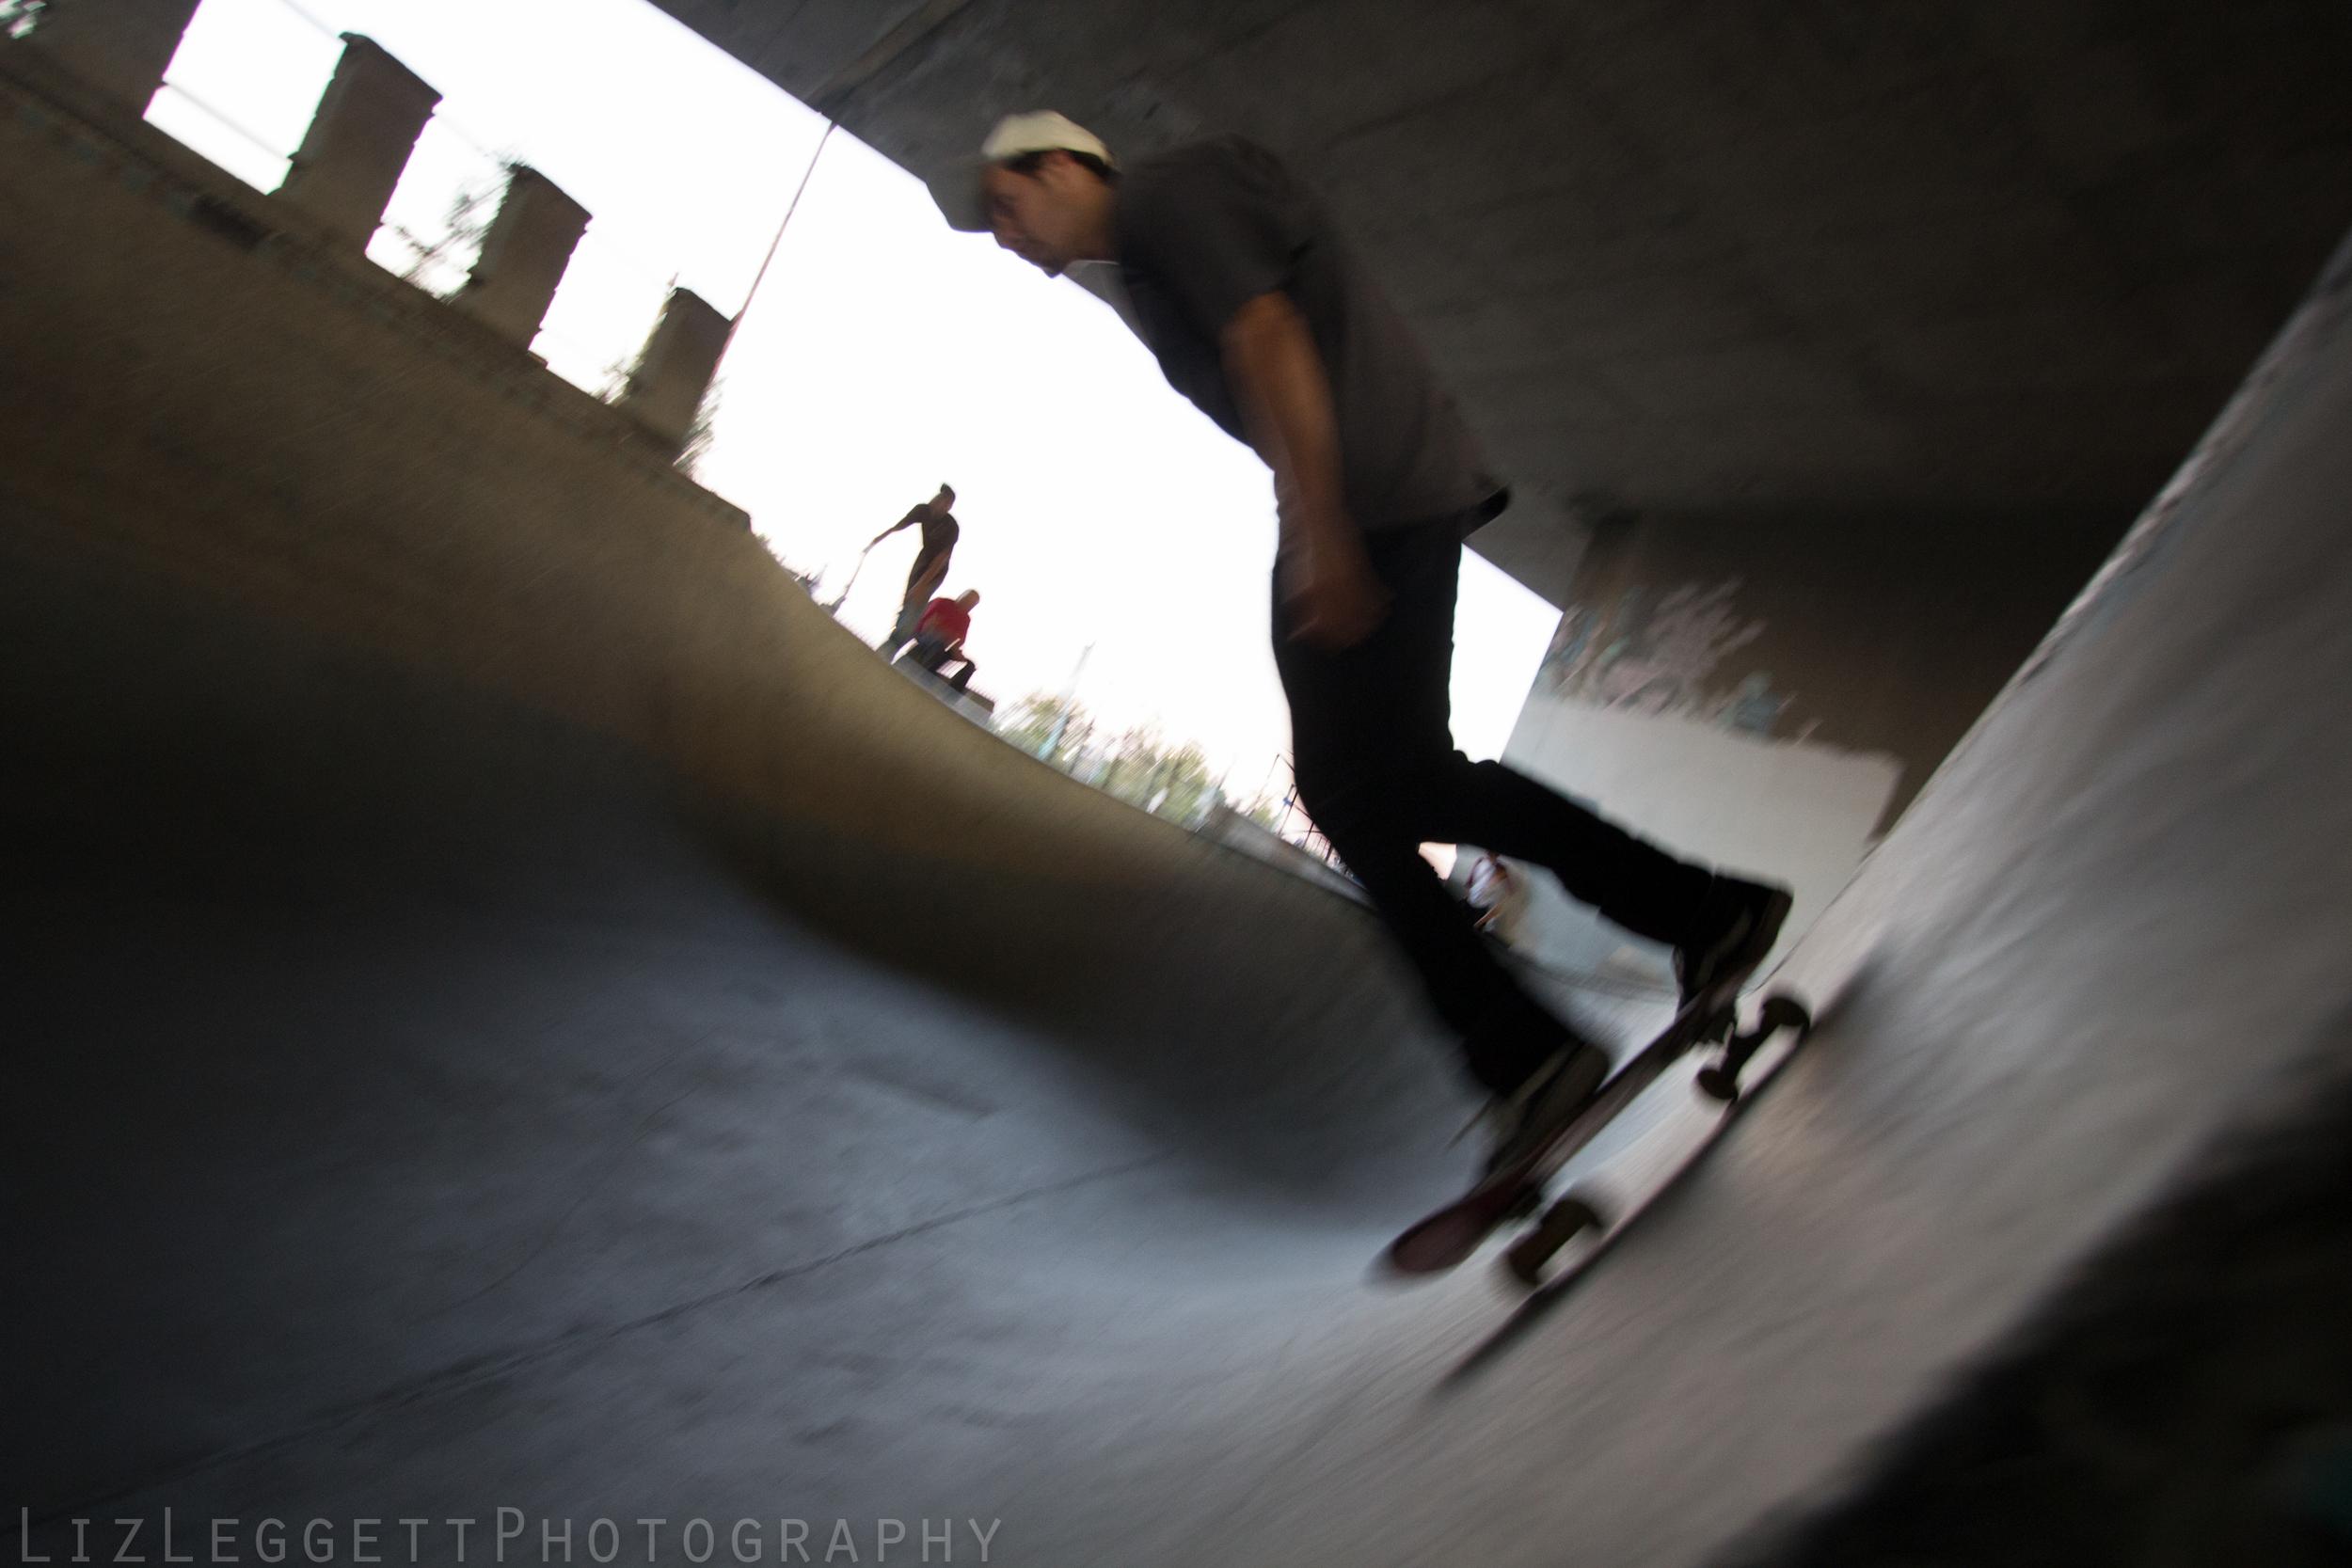 liz_leggett_photography_skatepark_watermarked-0263.jpg